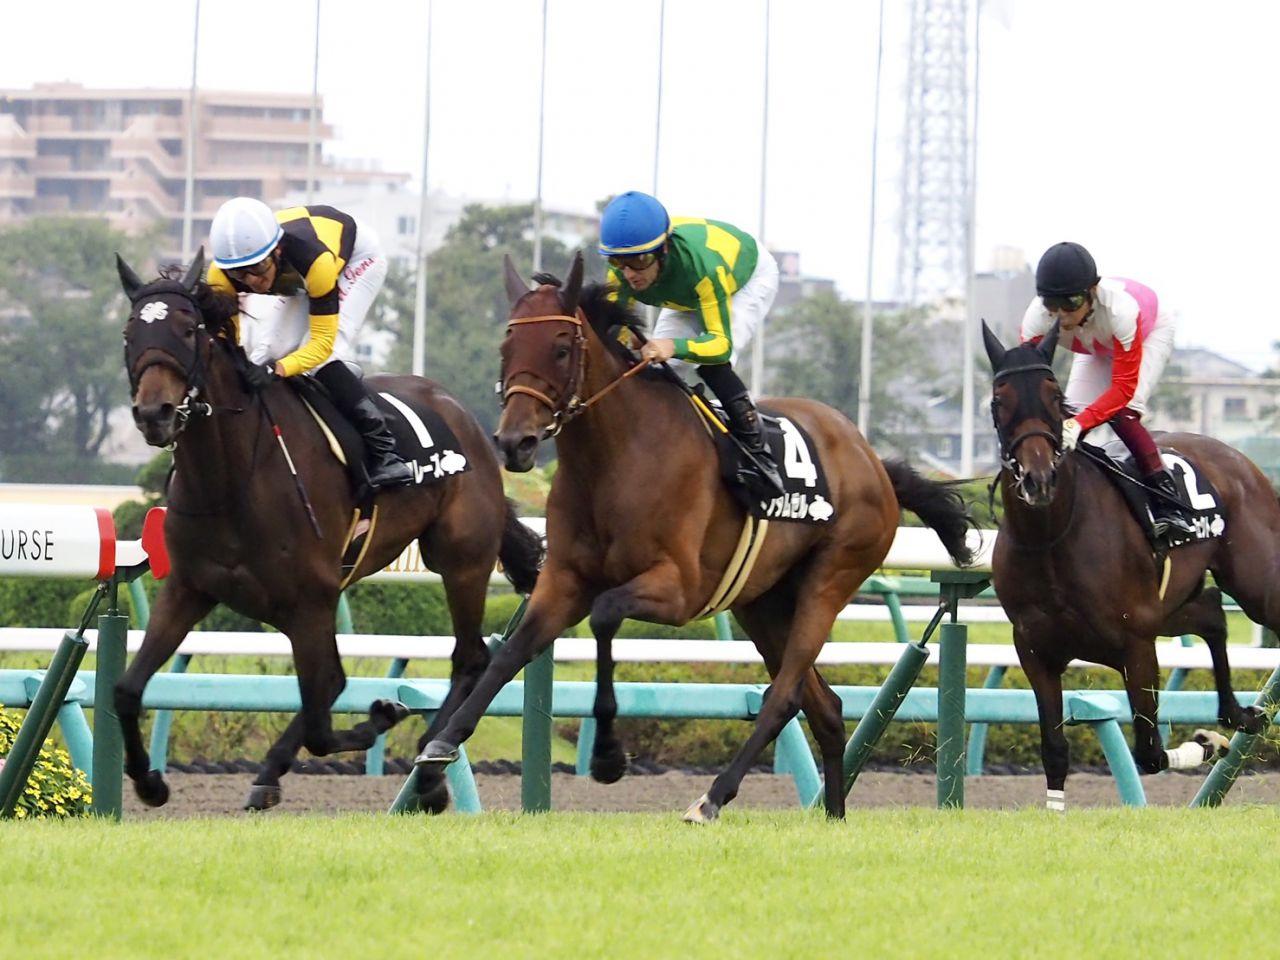 【セントライト記念】リオンリオンが先行抜け出しで快勝!横山典騎手が勝利に導く